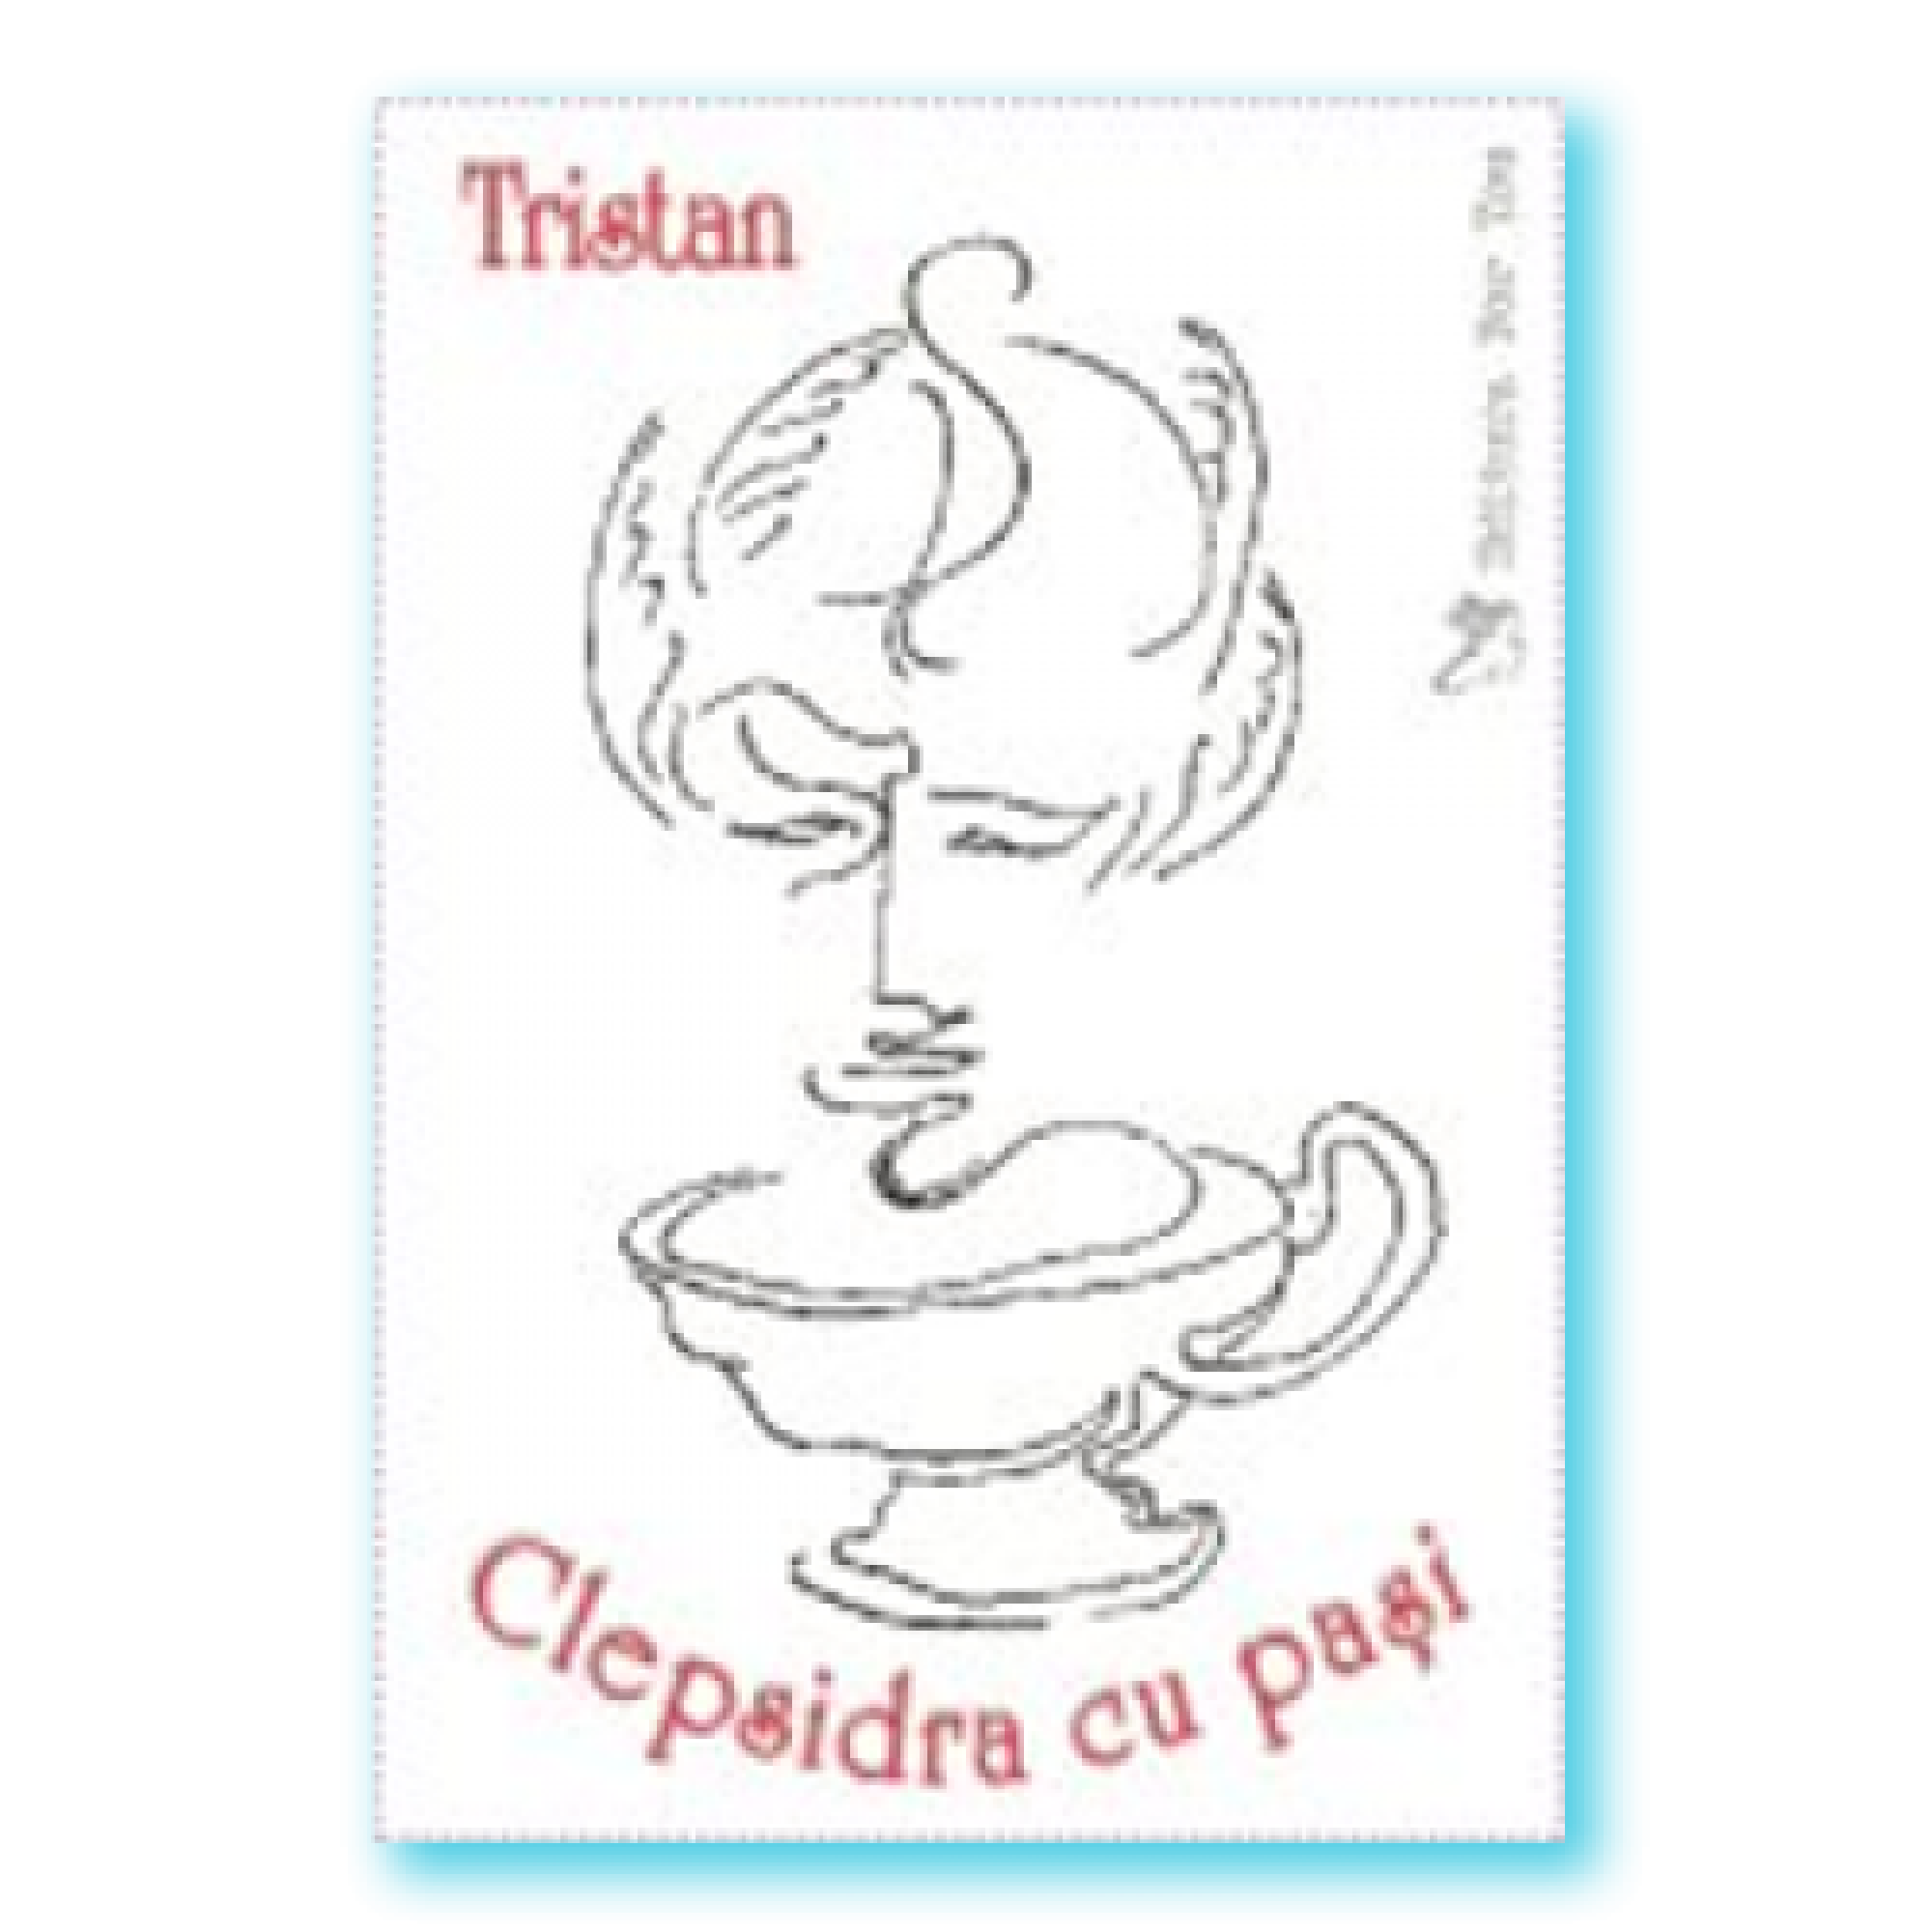 Clepsidra cu paşi; Tristan